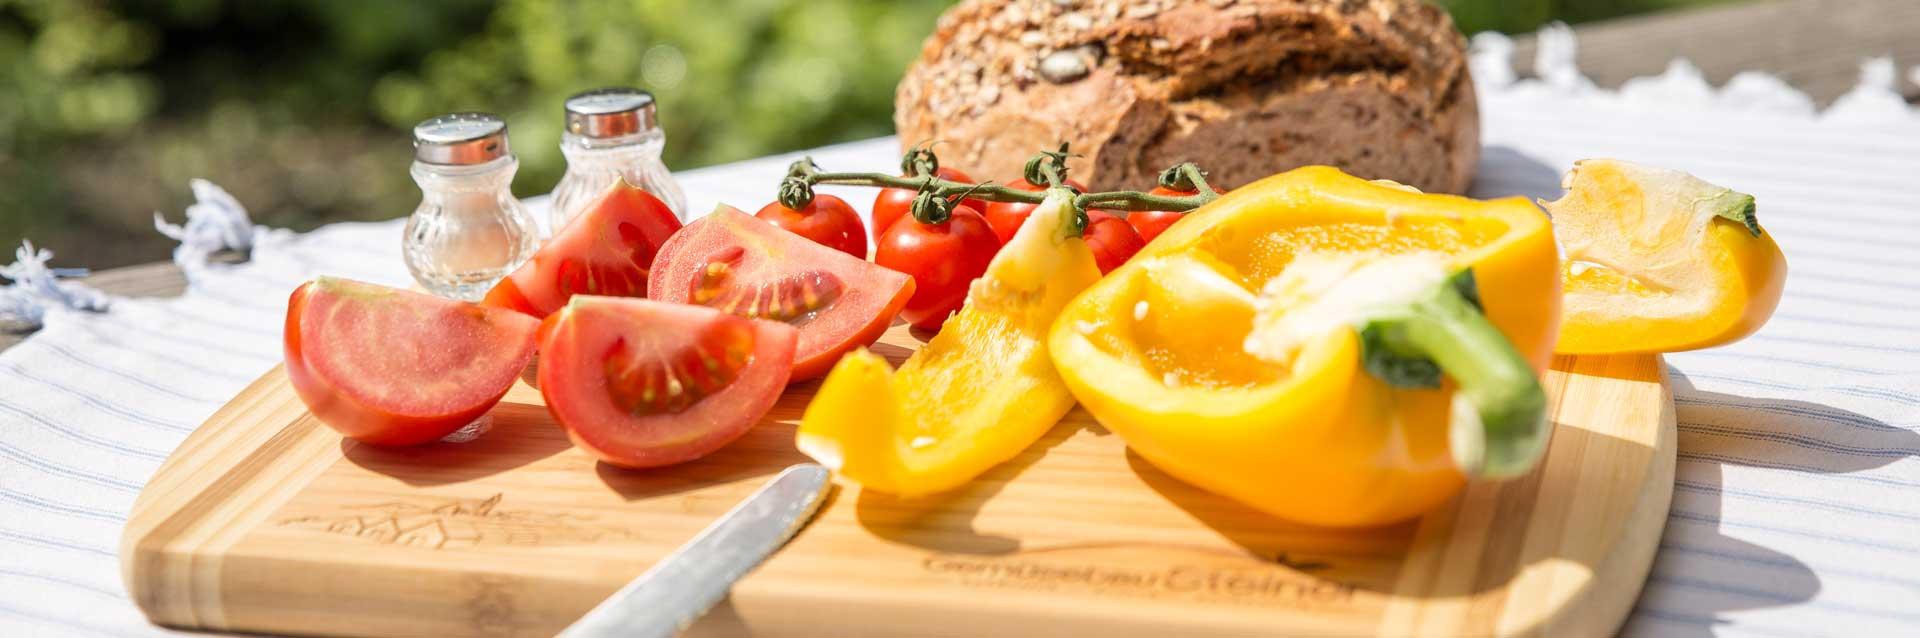 Regionale Ware aus Kirchweidach - Die beste Brotzeit mit Produkten von Gemüsebau Steiner